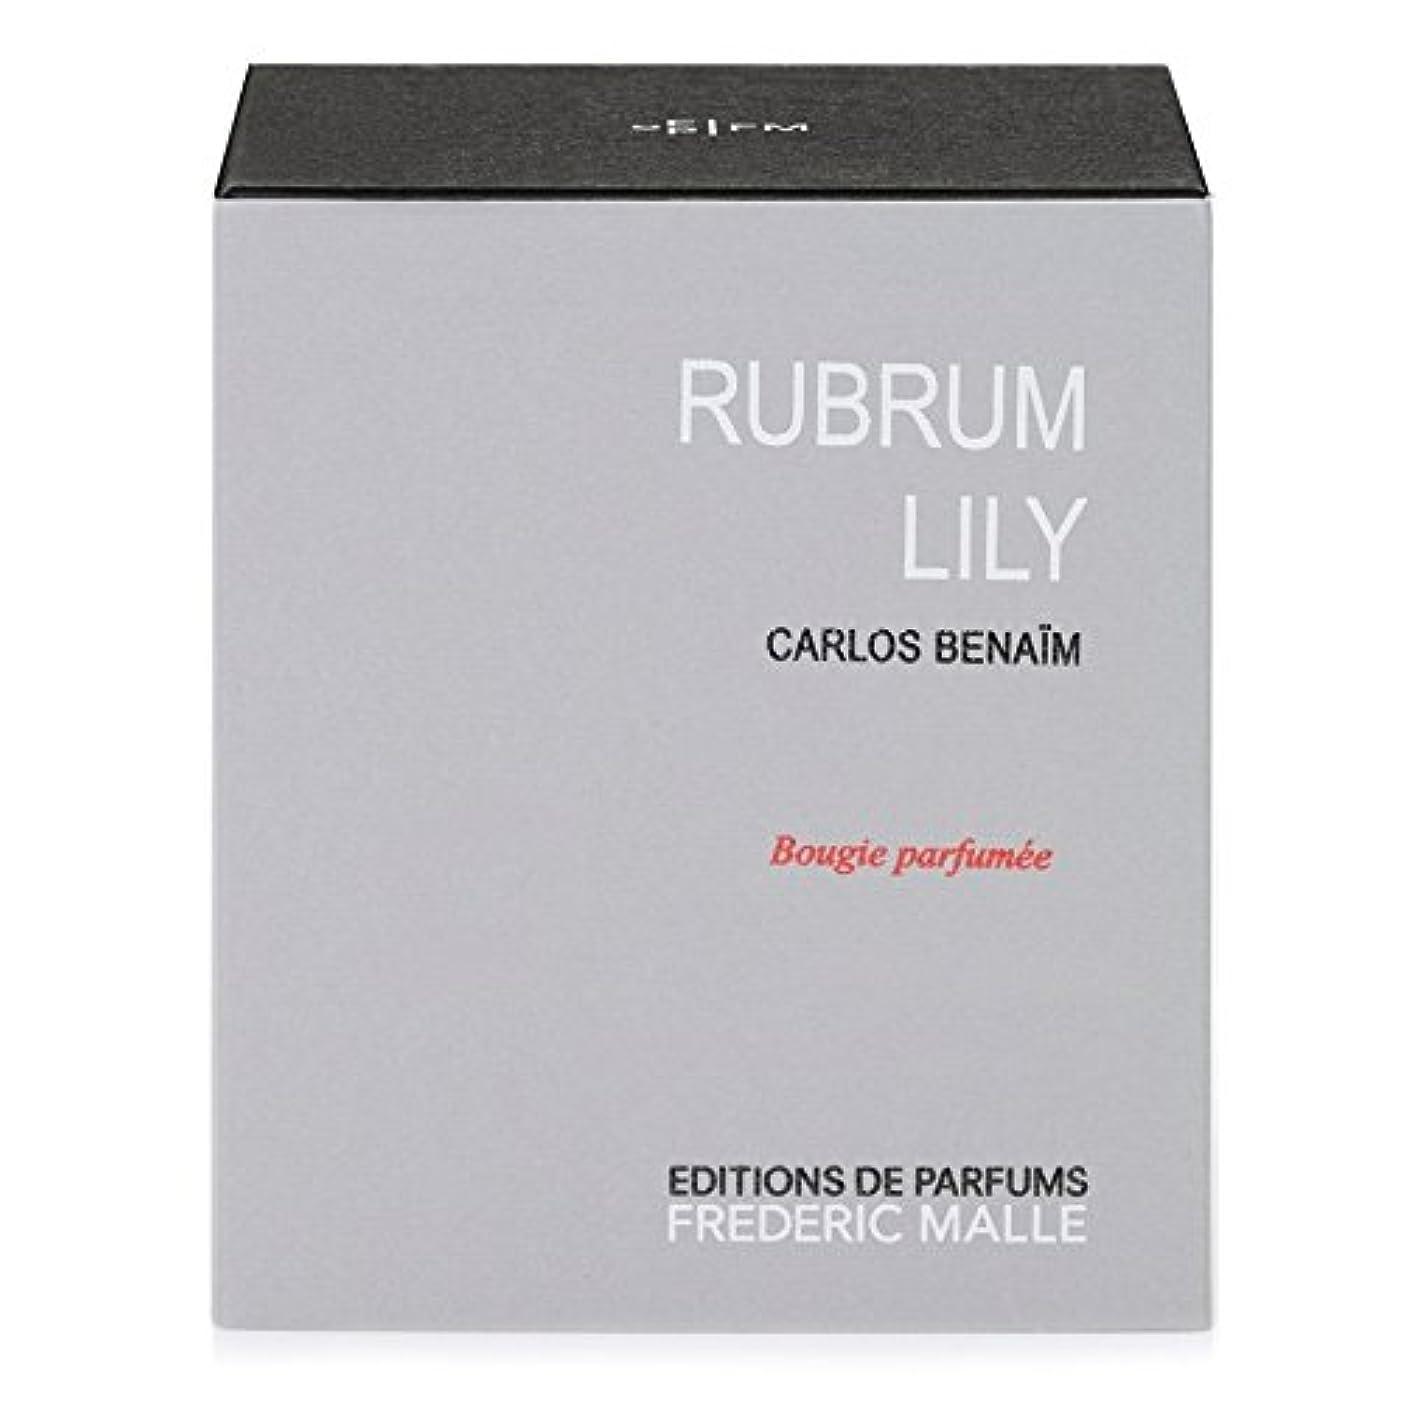 高揚したパーク折り目Frederic Malle Rubrum Lily Scented Candle - フレデリック?マルルブルムユリの香りのキャンドル [並行輸入品]